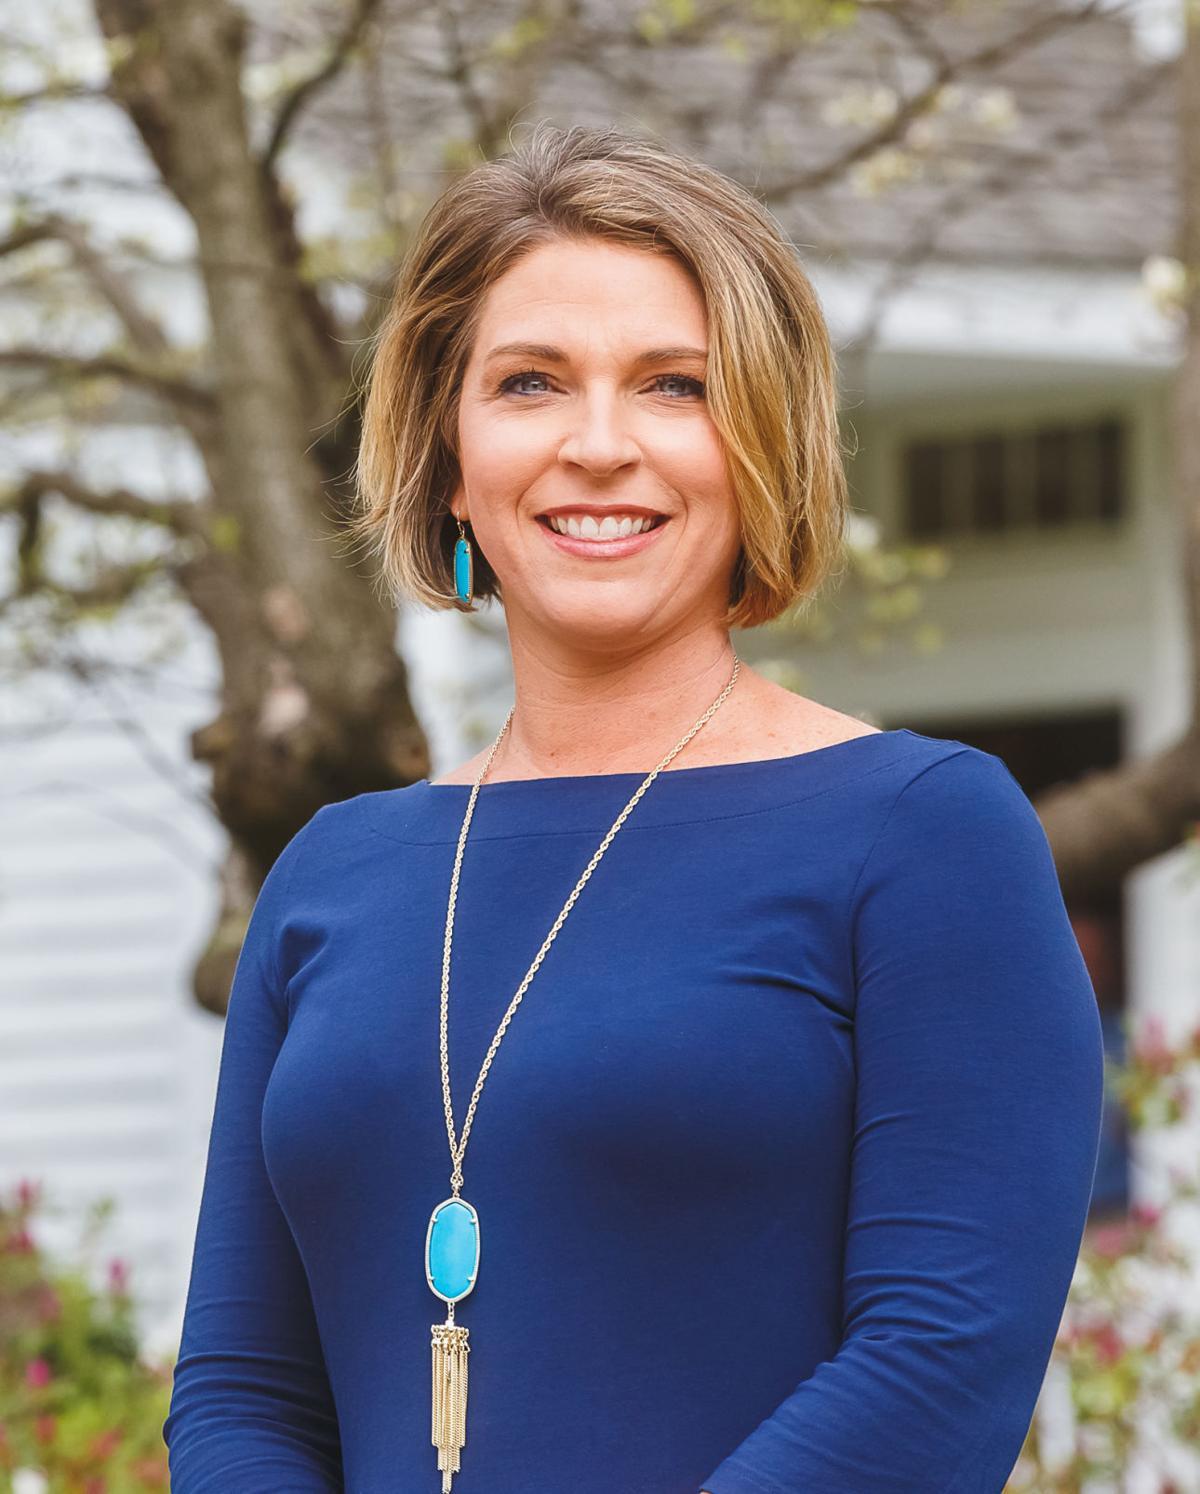 Carrie Coyner Headshot